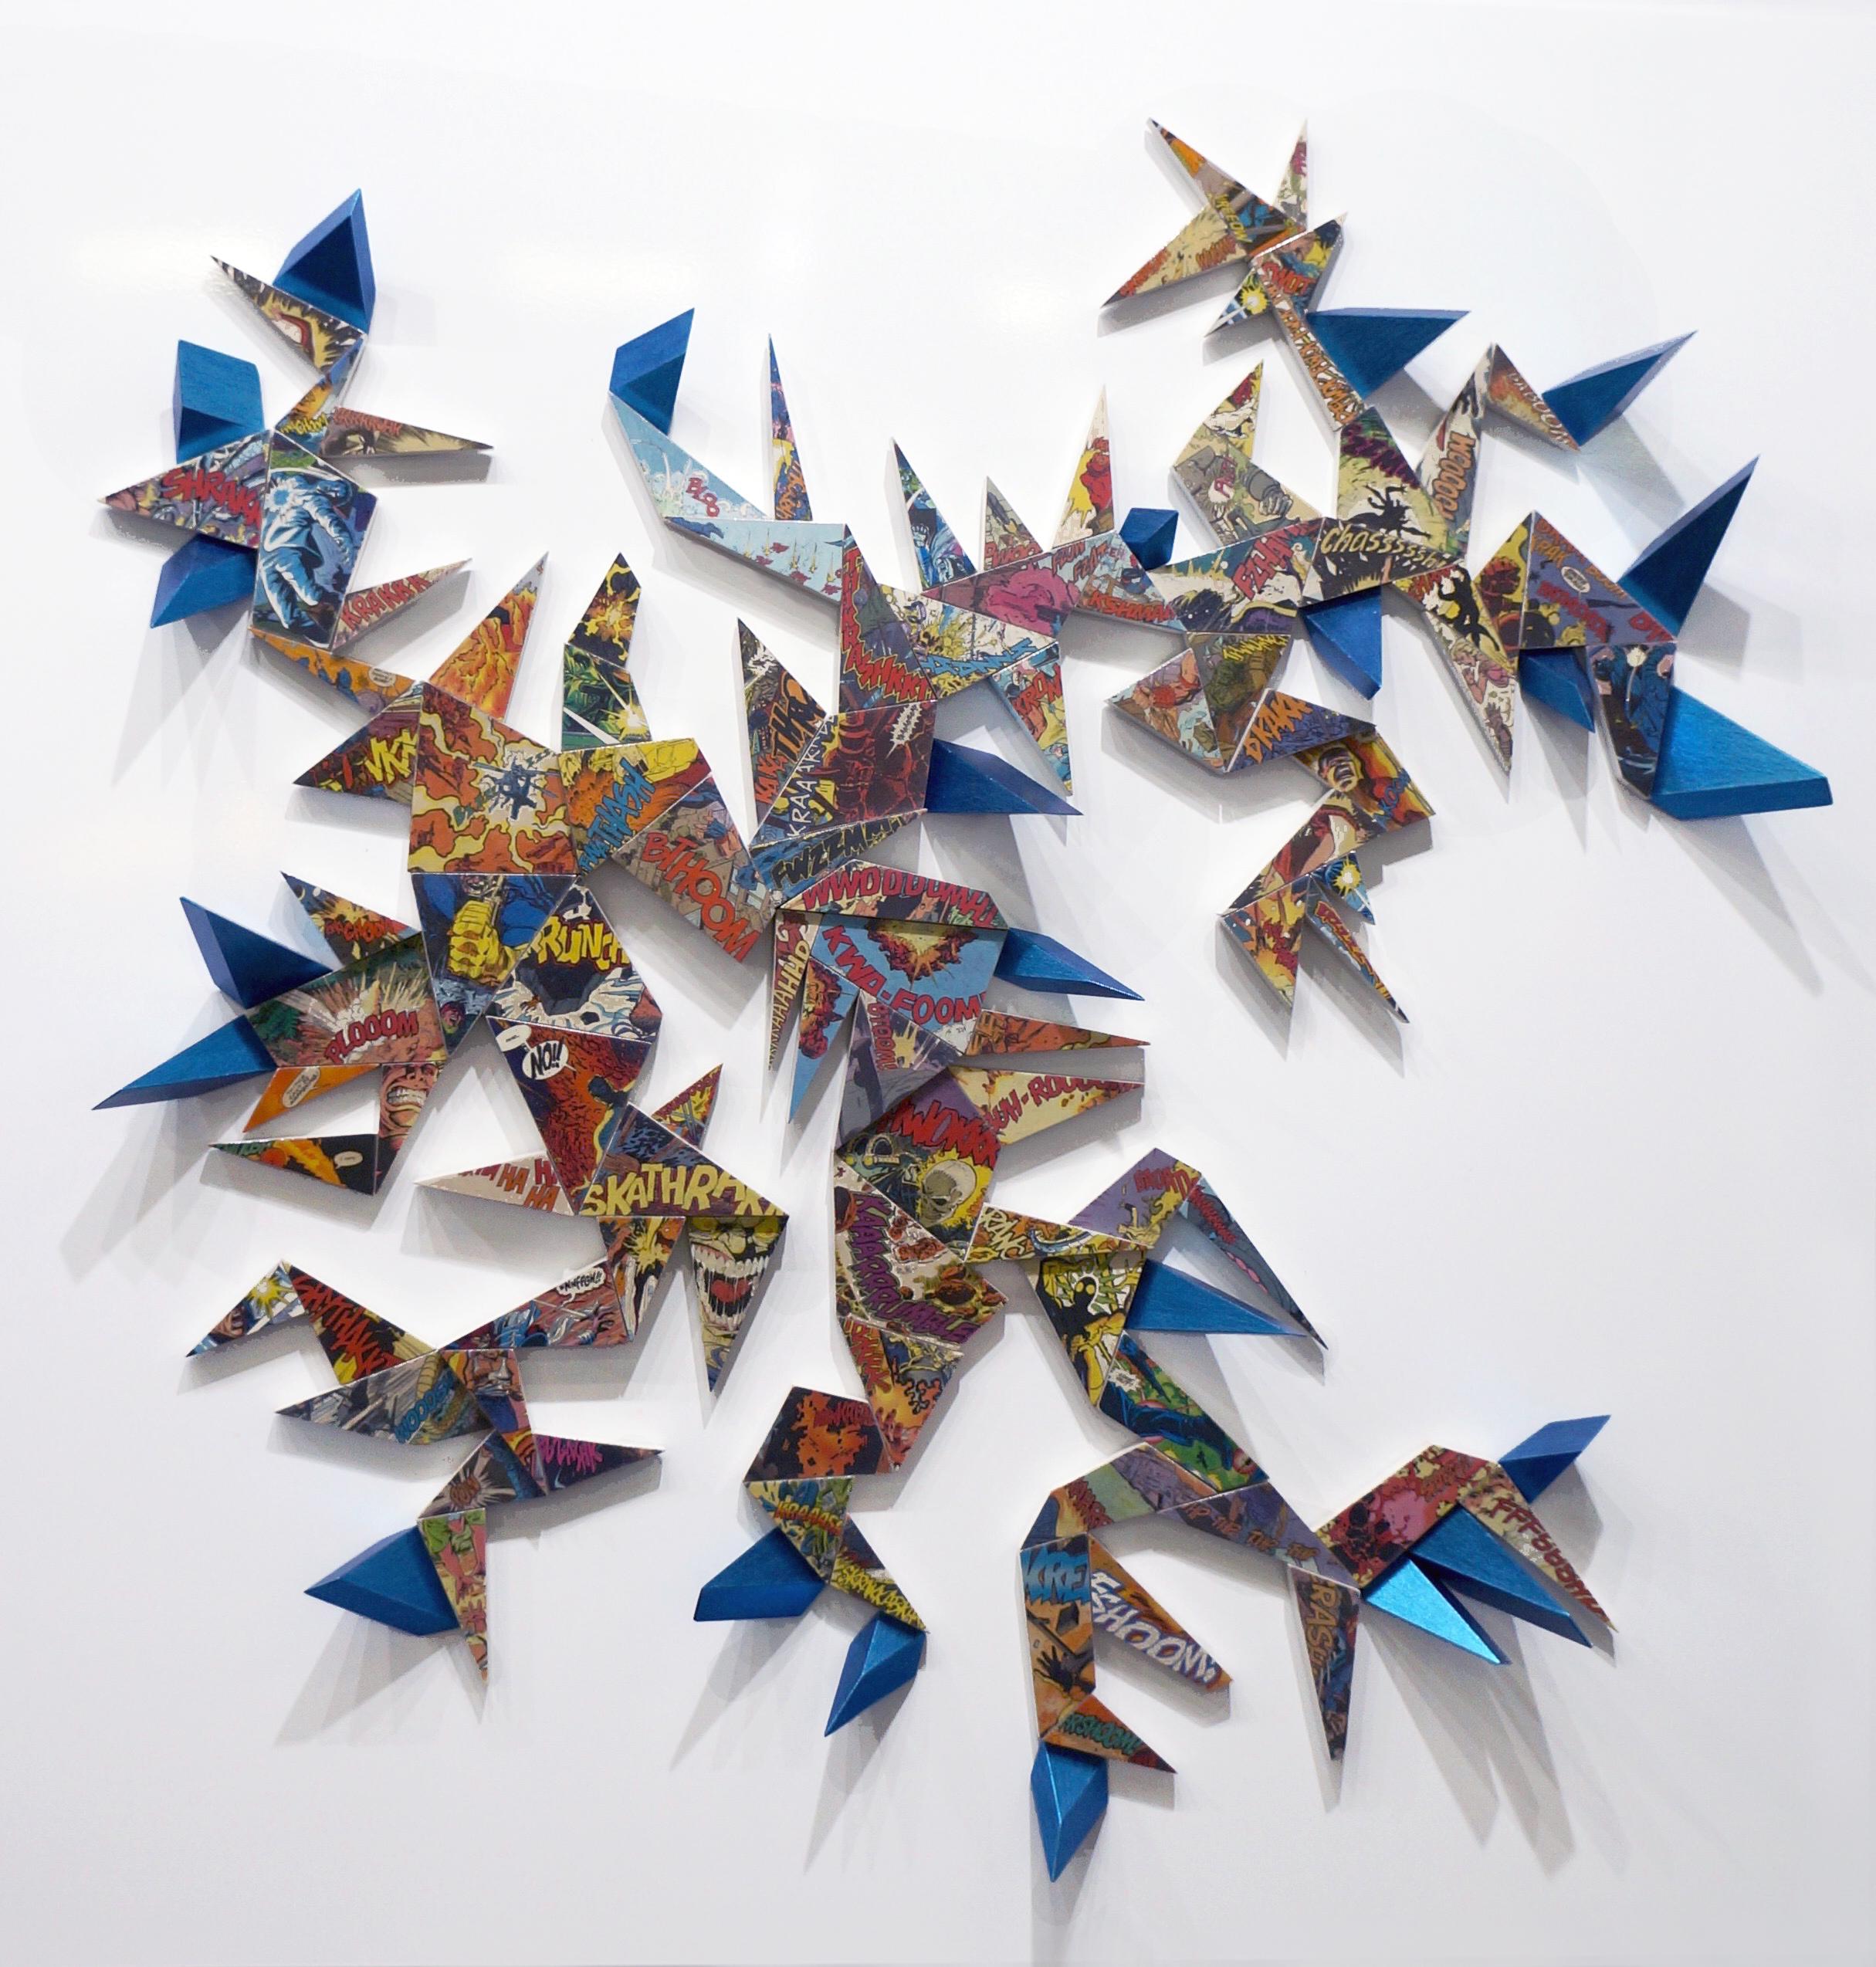 Kaboom by Susan Weinthaler